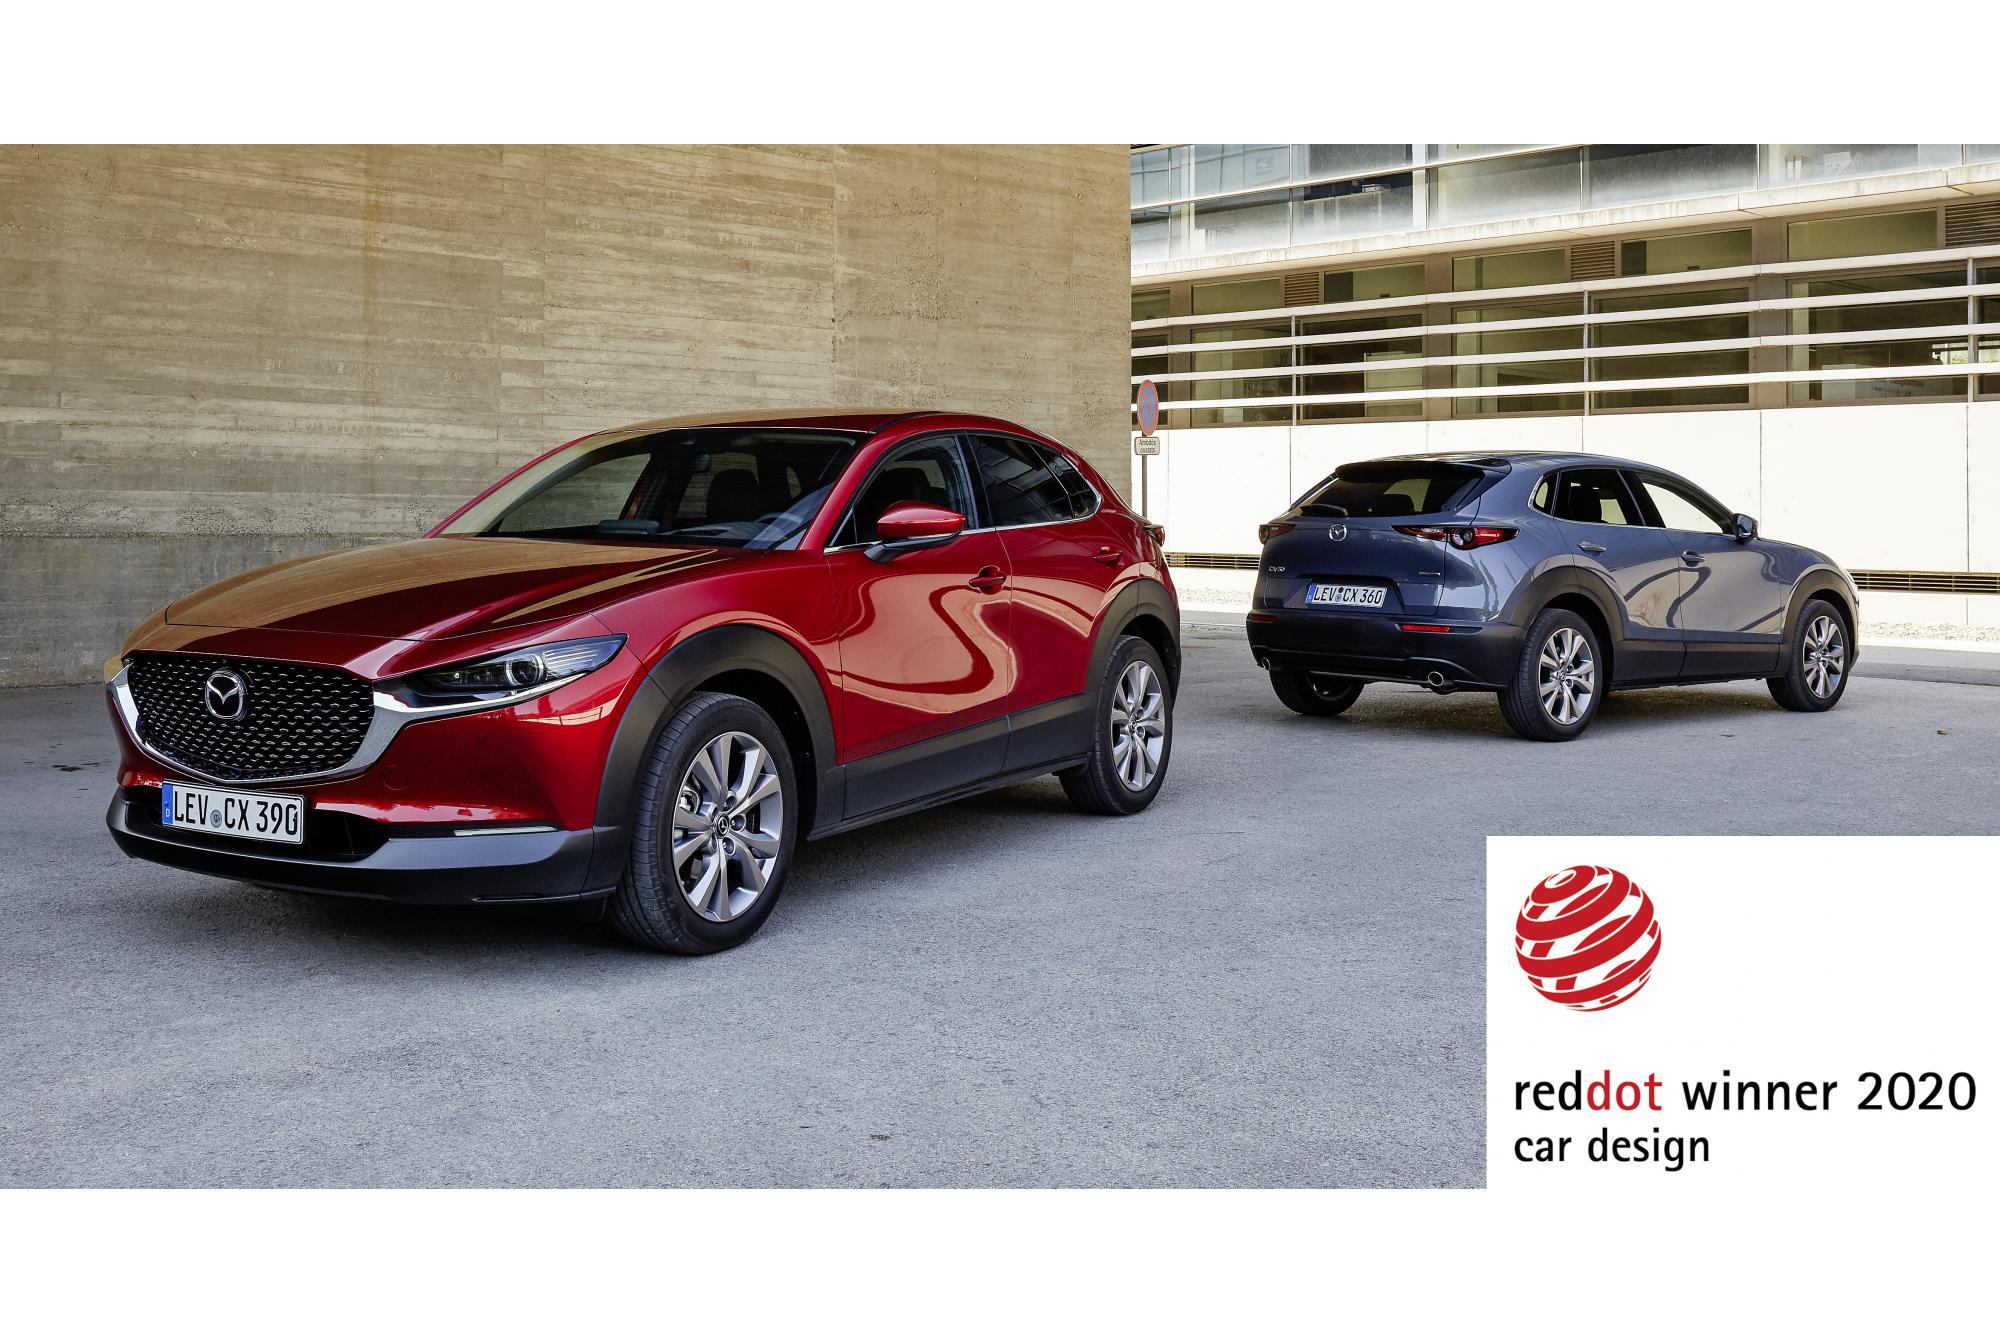 Τα νέα Mazda CX-30 και MX-30 κατακτούν το βραβείο Red Dot design για το 2020